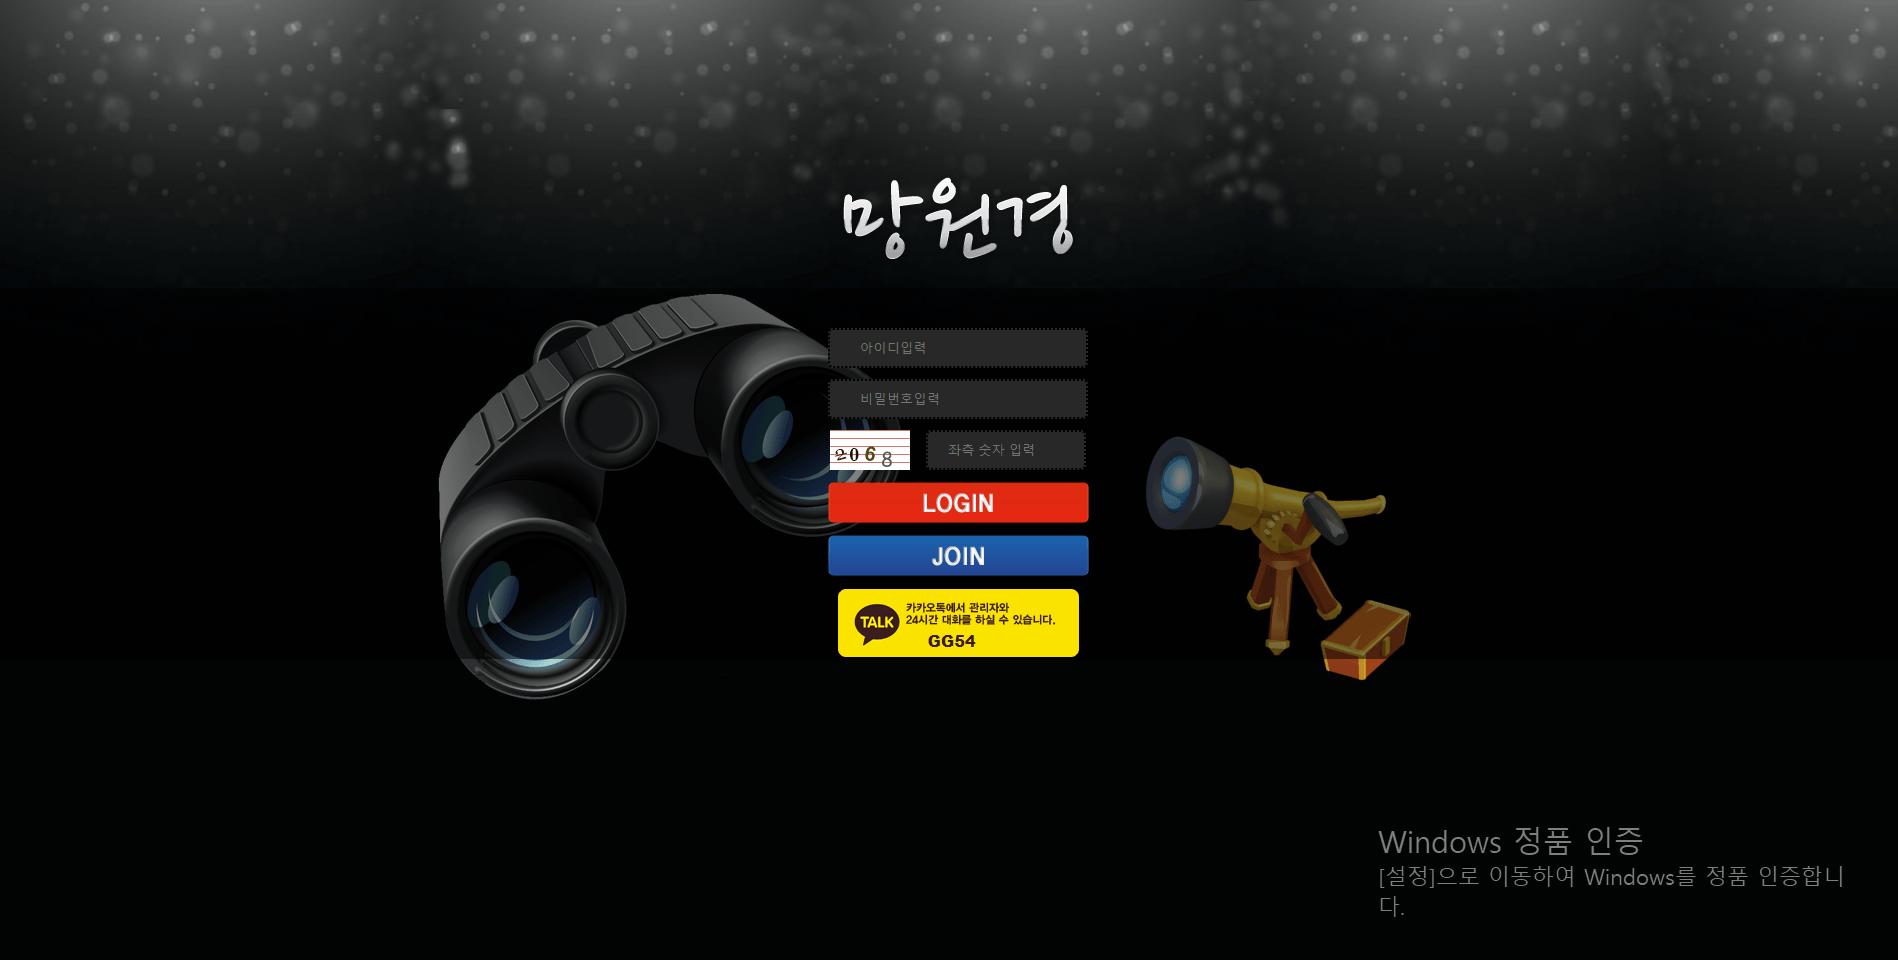 [먹튀검증]망원경 먹튀사이트확정mwg03.com먹튀검증업체 토토안내소